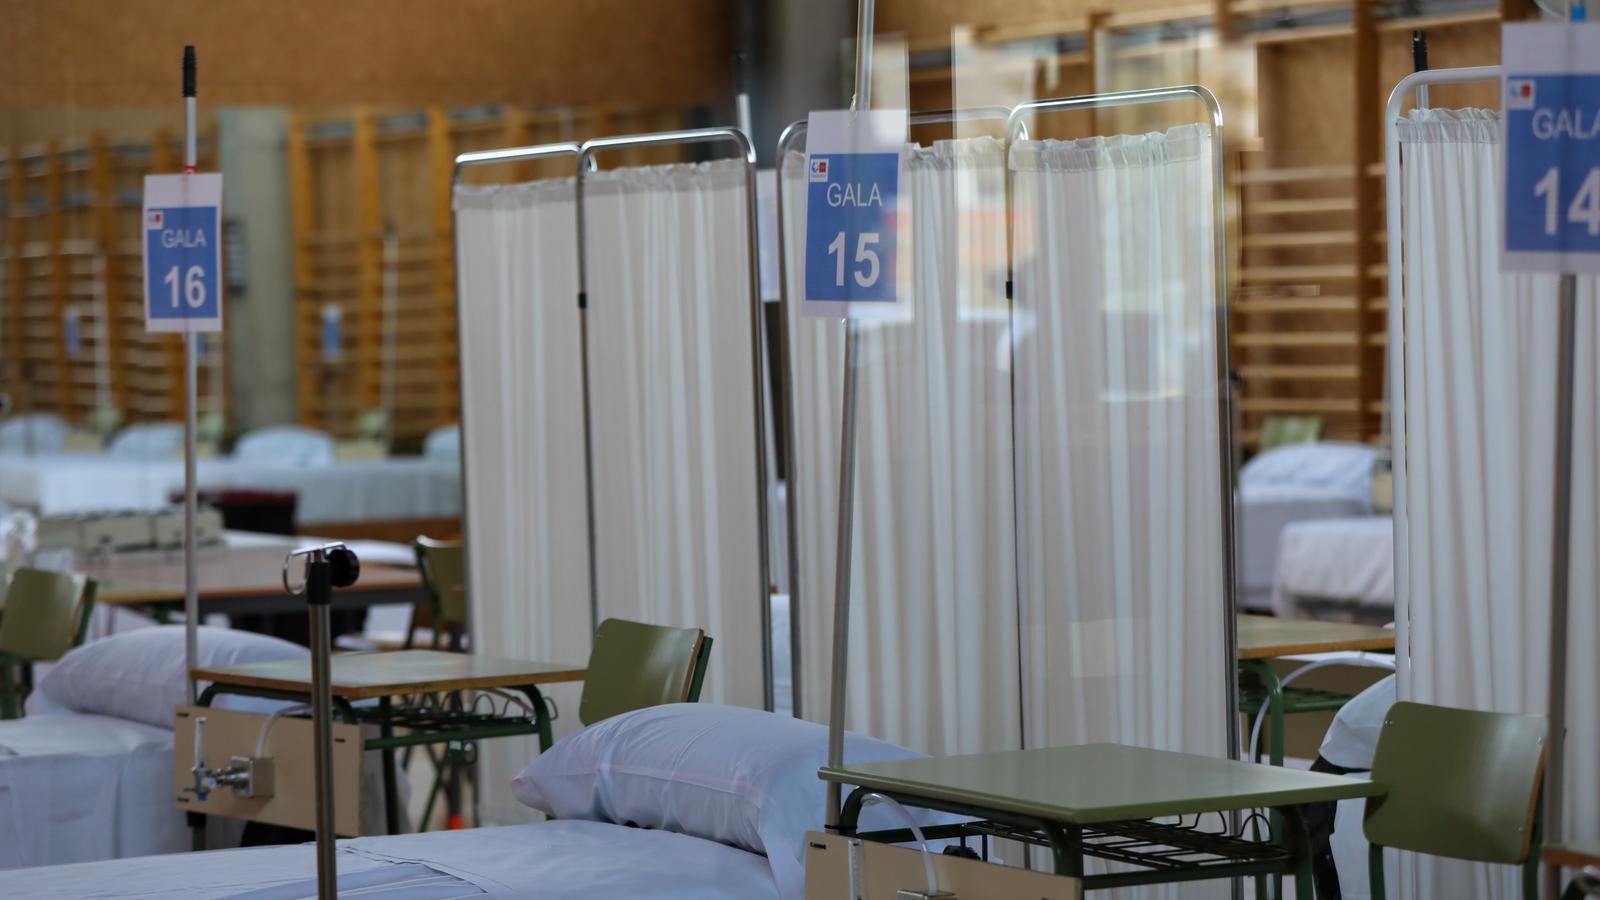 Imatge de l'hospital de campanya ubicat a la Universitat d'Alcalá de Henares, a Madrid.